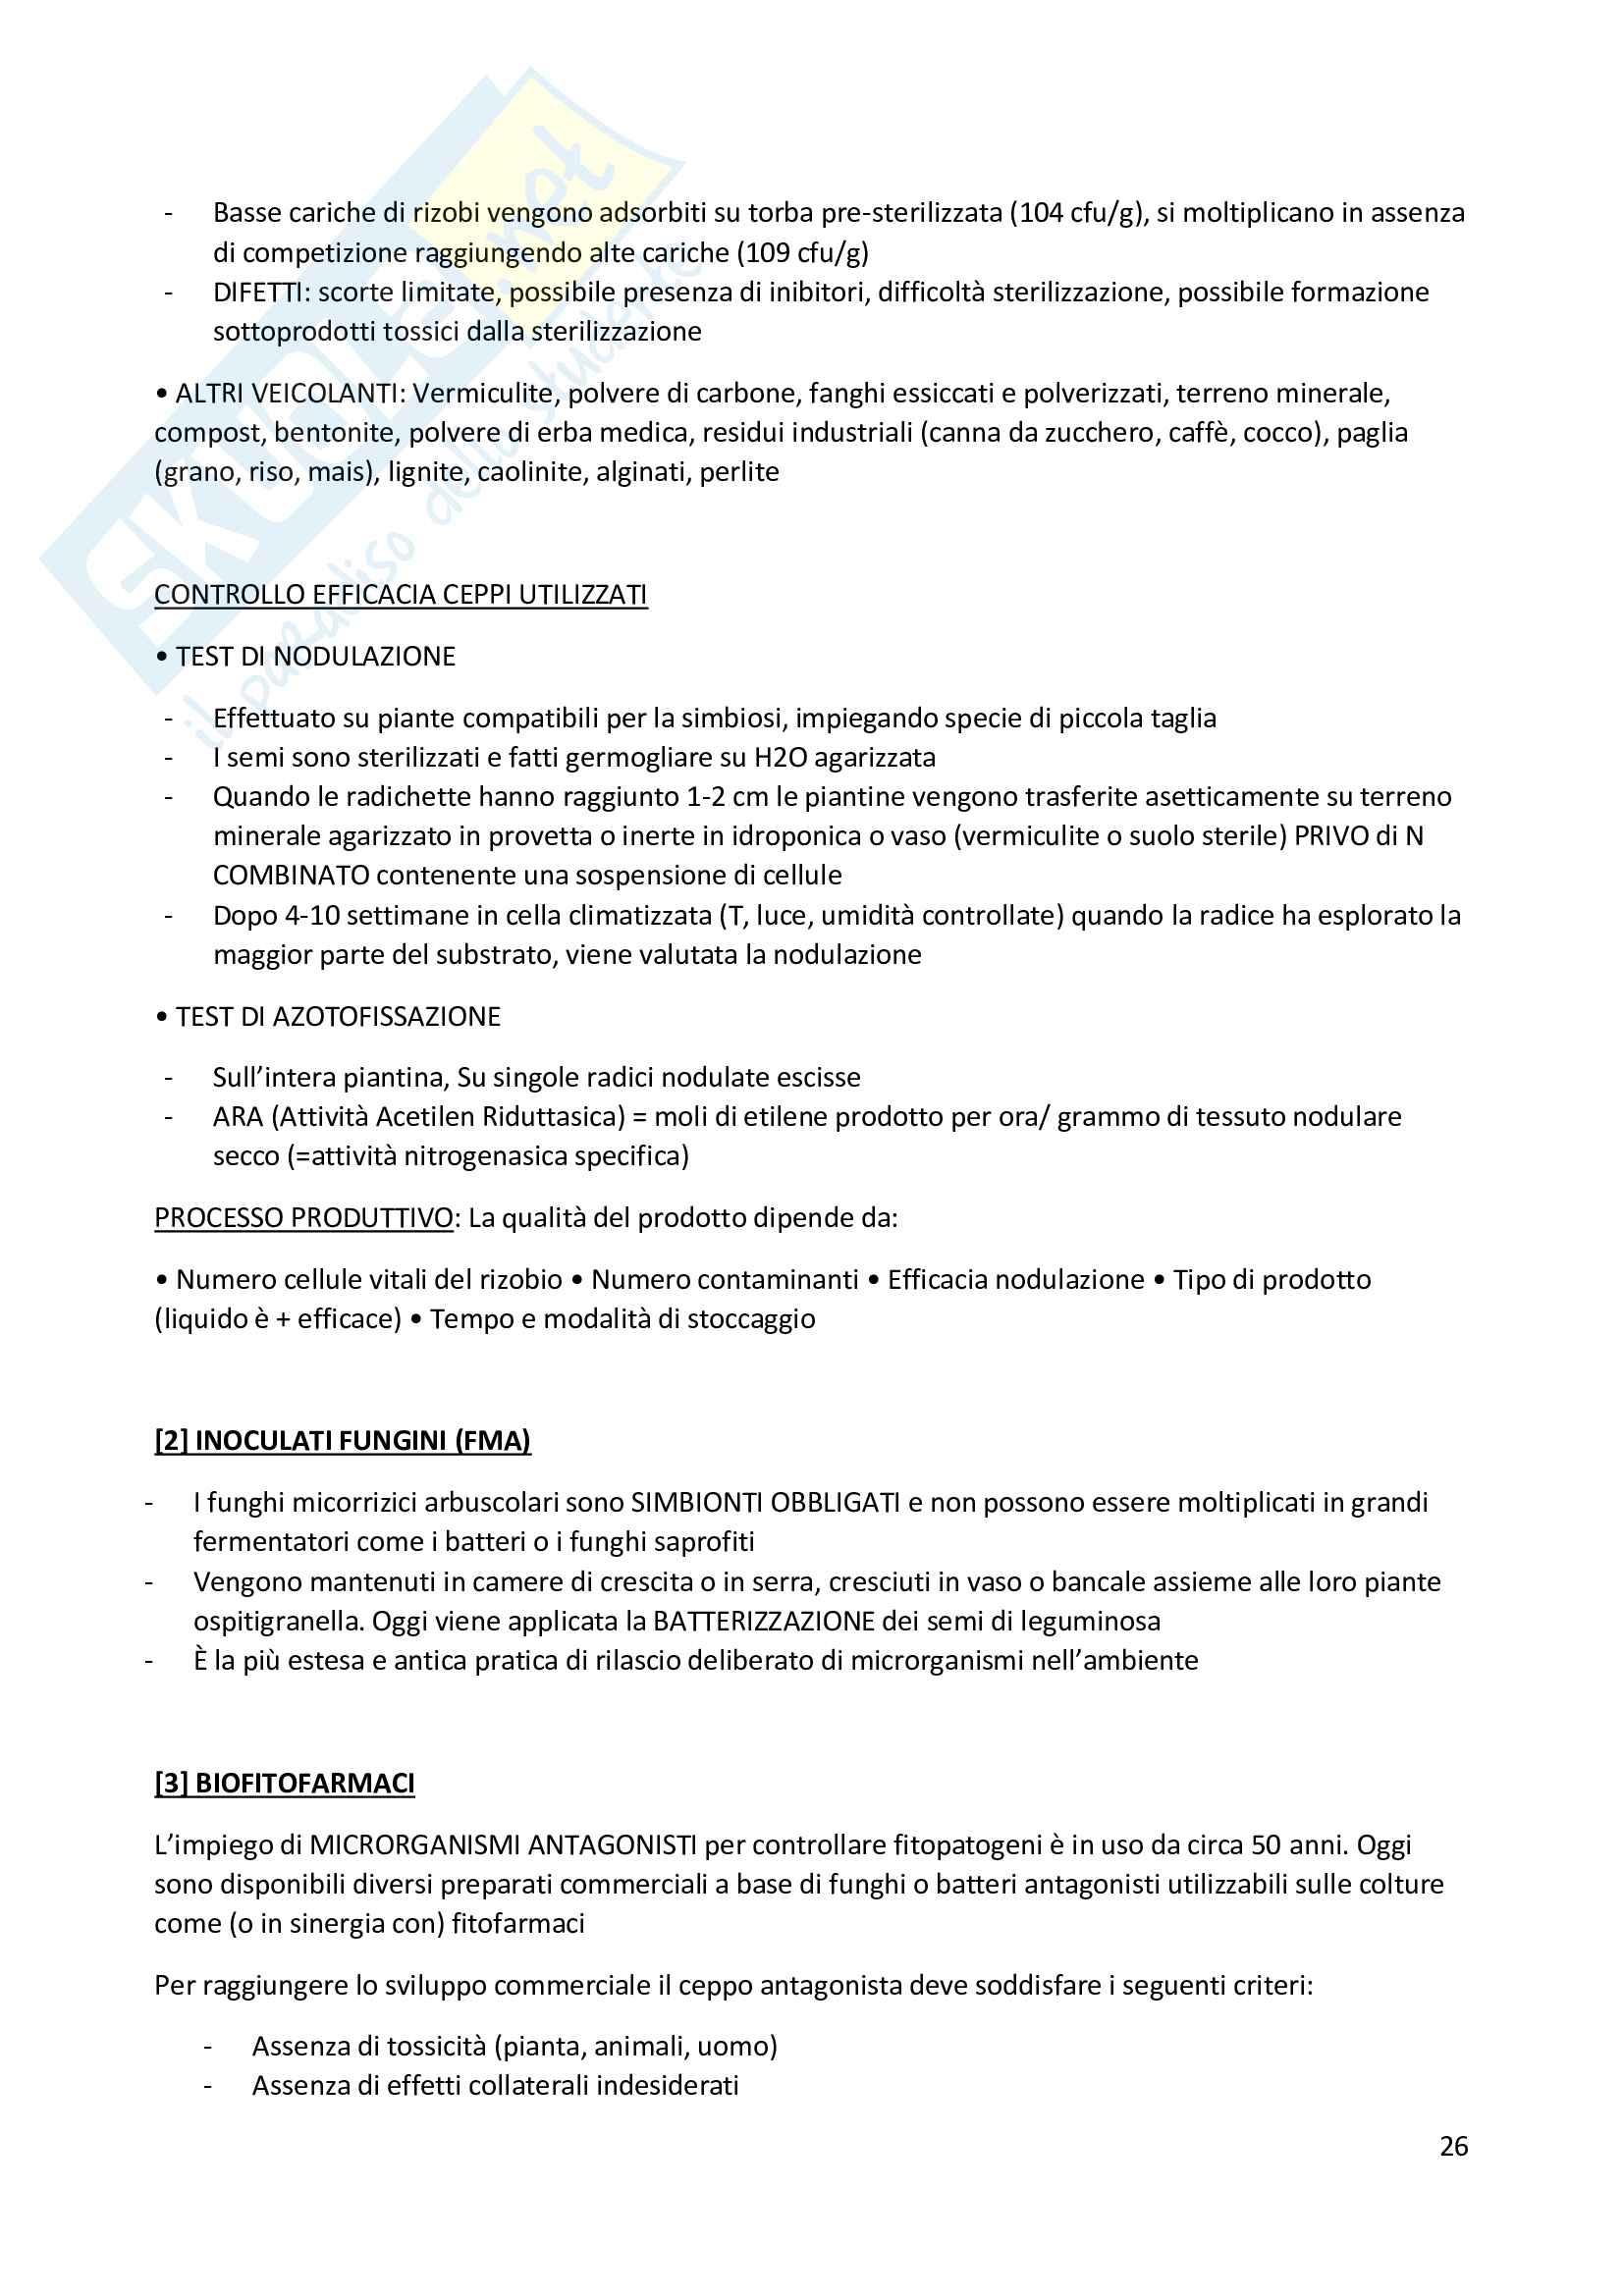 Biotecnologie Microbiche Vegetali Pag. 26